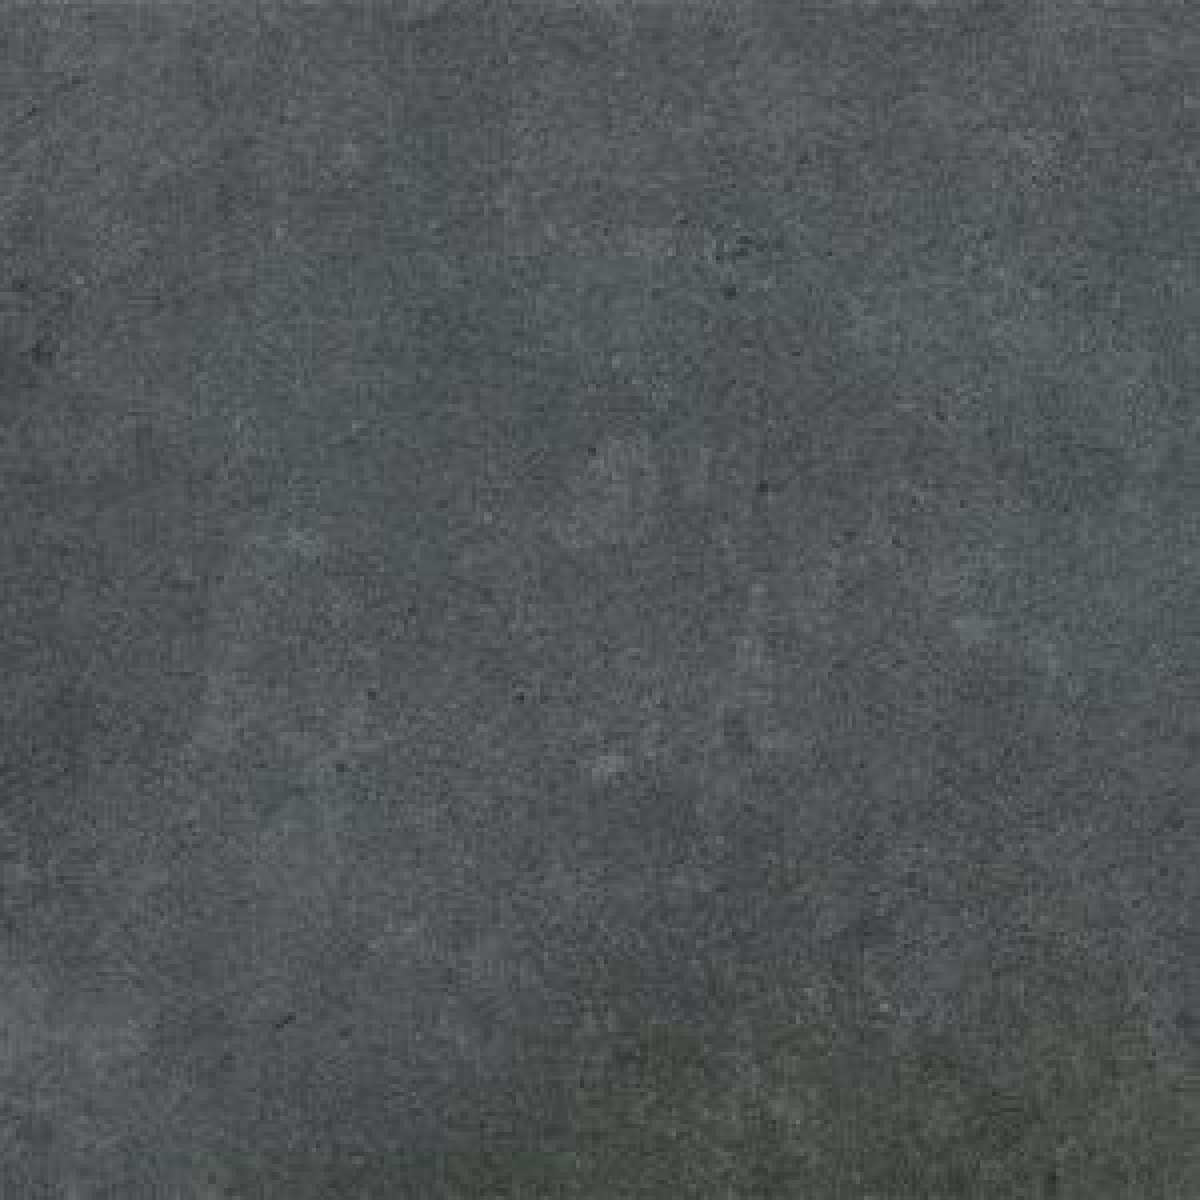 RAK Surface Ash Lappato Tile 600 x 600mm